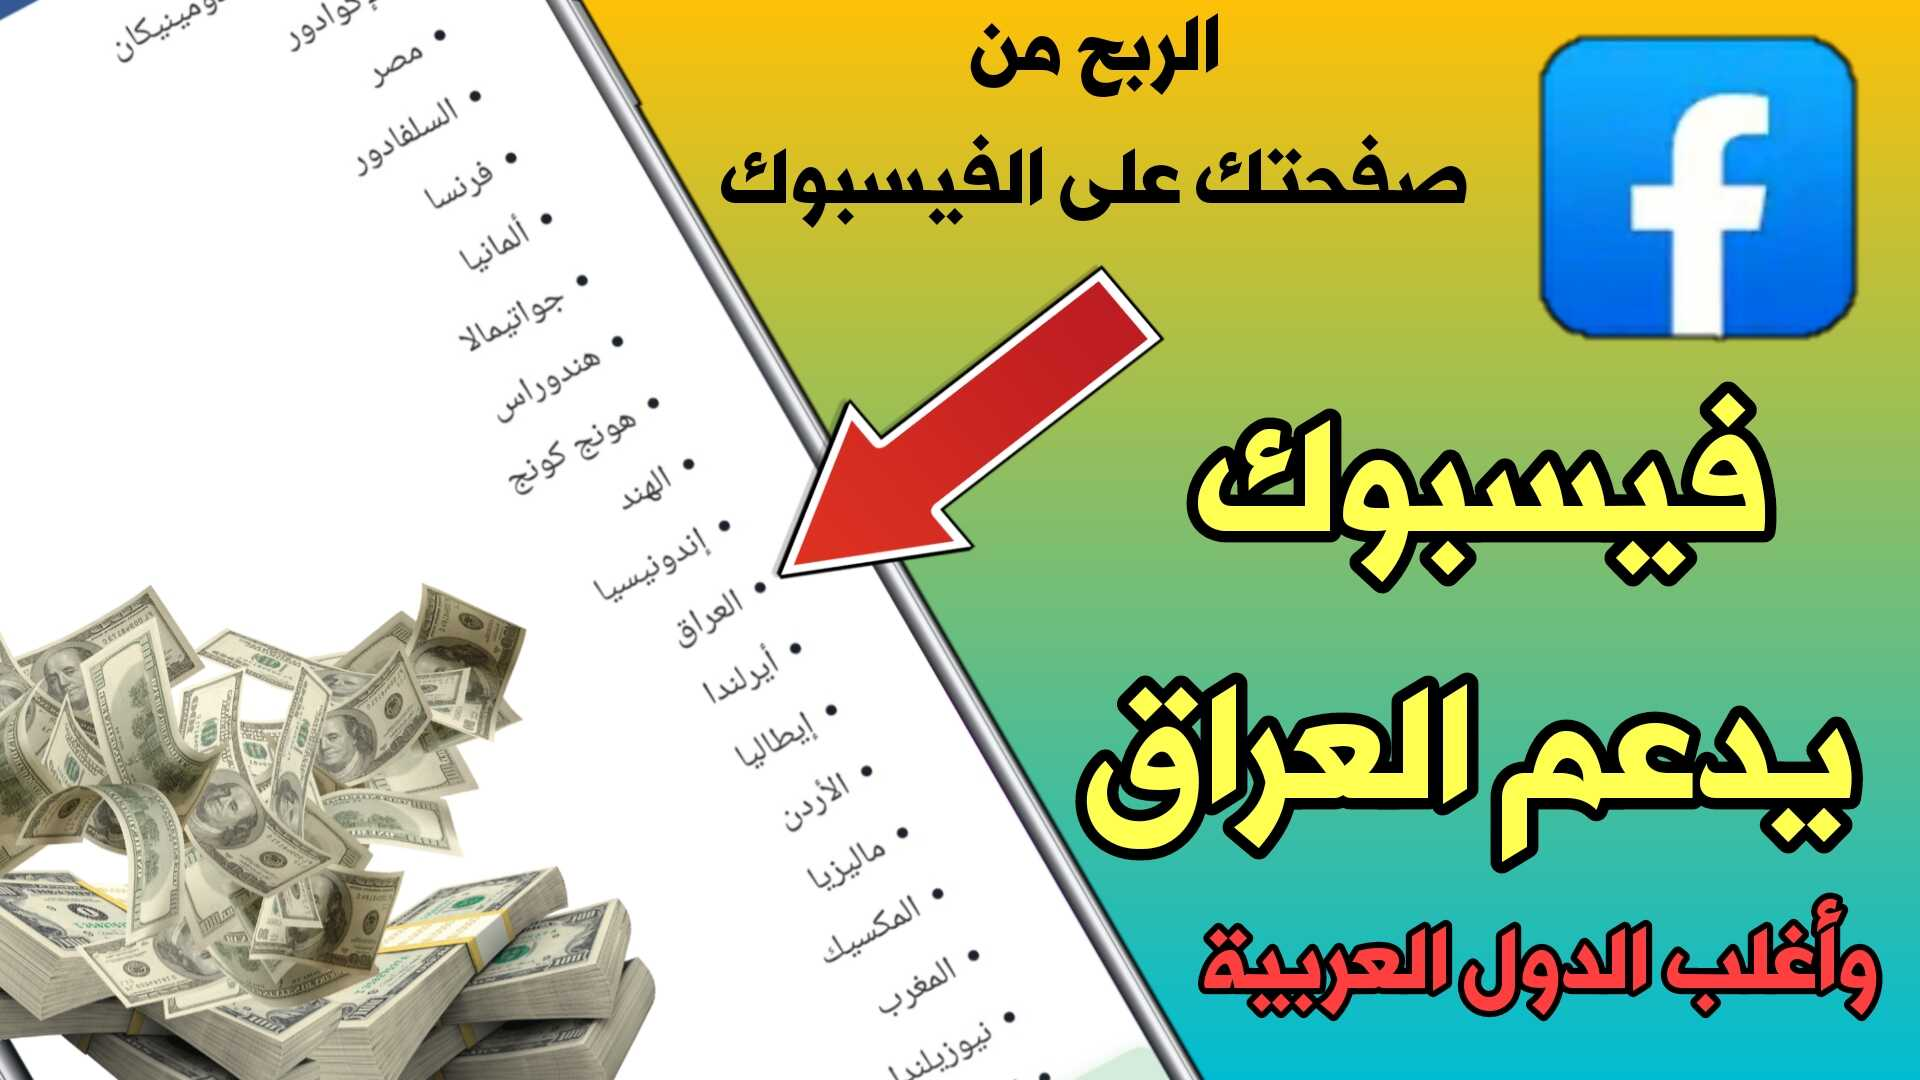 وآخيراً فيسبوك يدعم العراق للربح من أعلانات الفيديو والمقالات الفورية / الربح من صفحتك على الفيسبوك